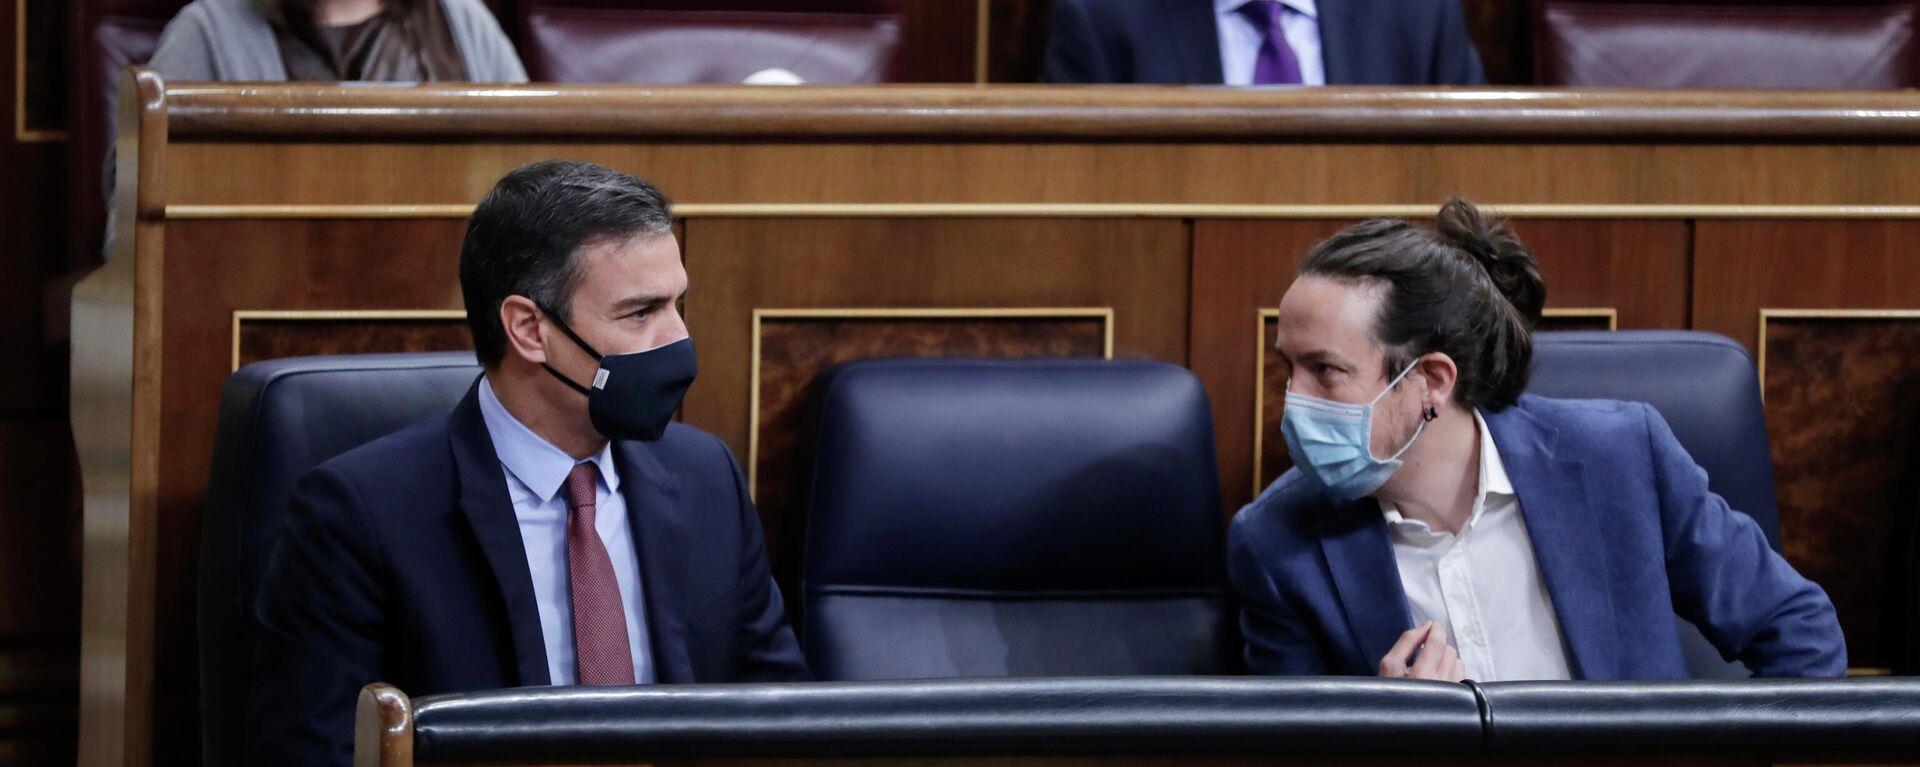 Pedro Sánchez y Pablo Iglesias en el Congreso.  - Sputnik Mundo, 1920, 20.02.2021